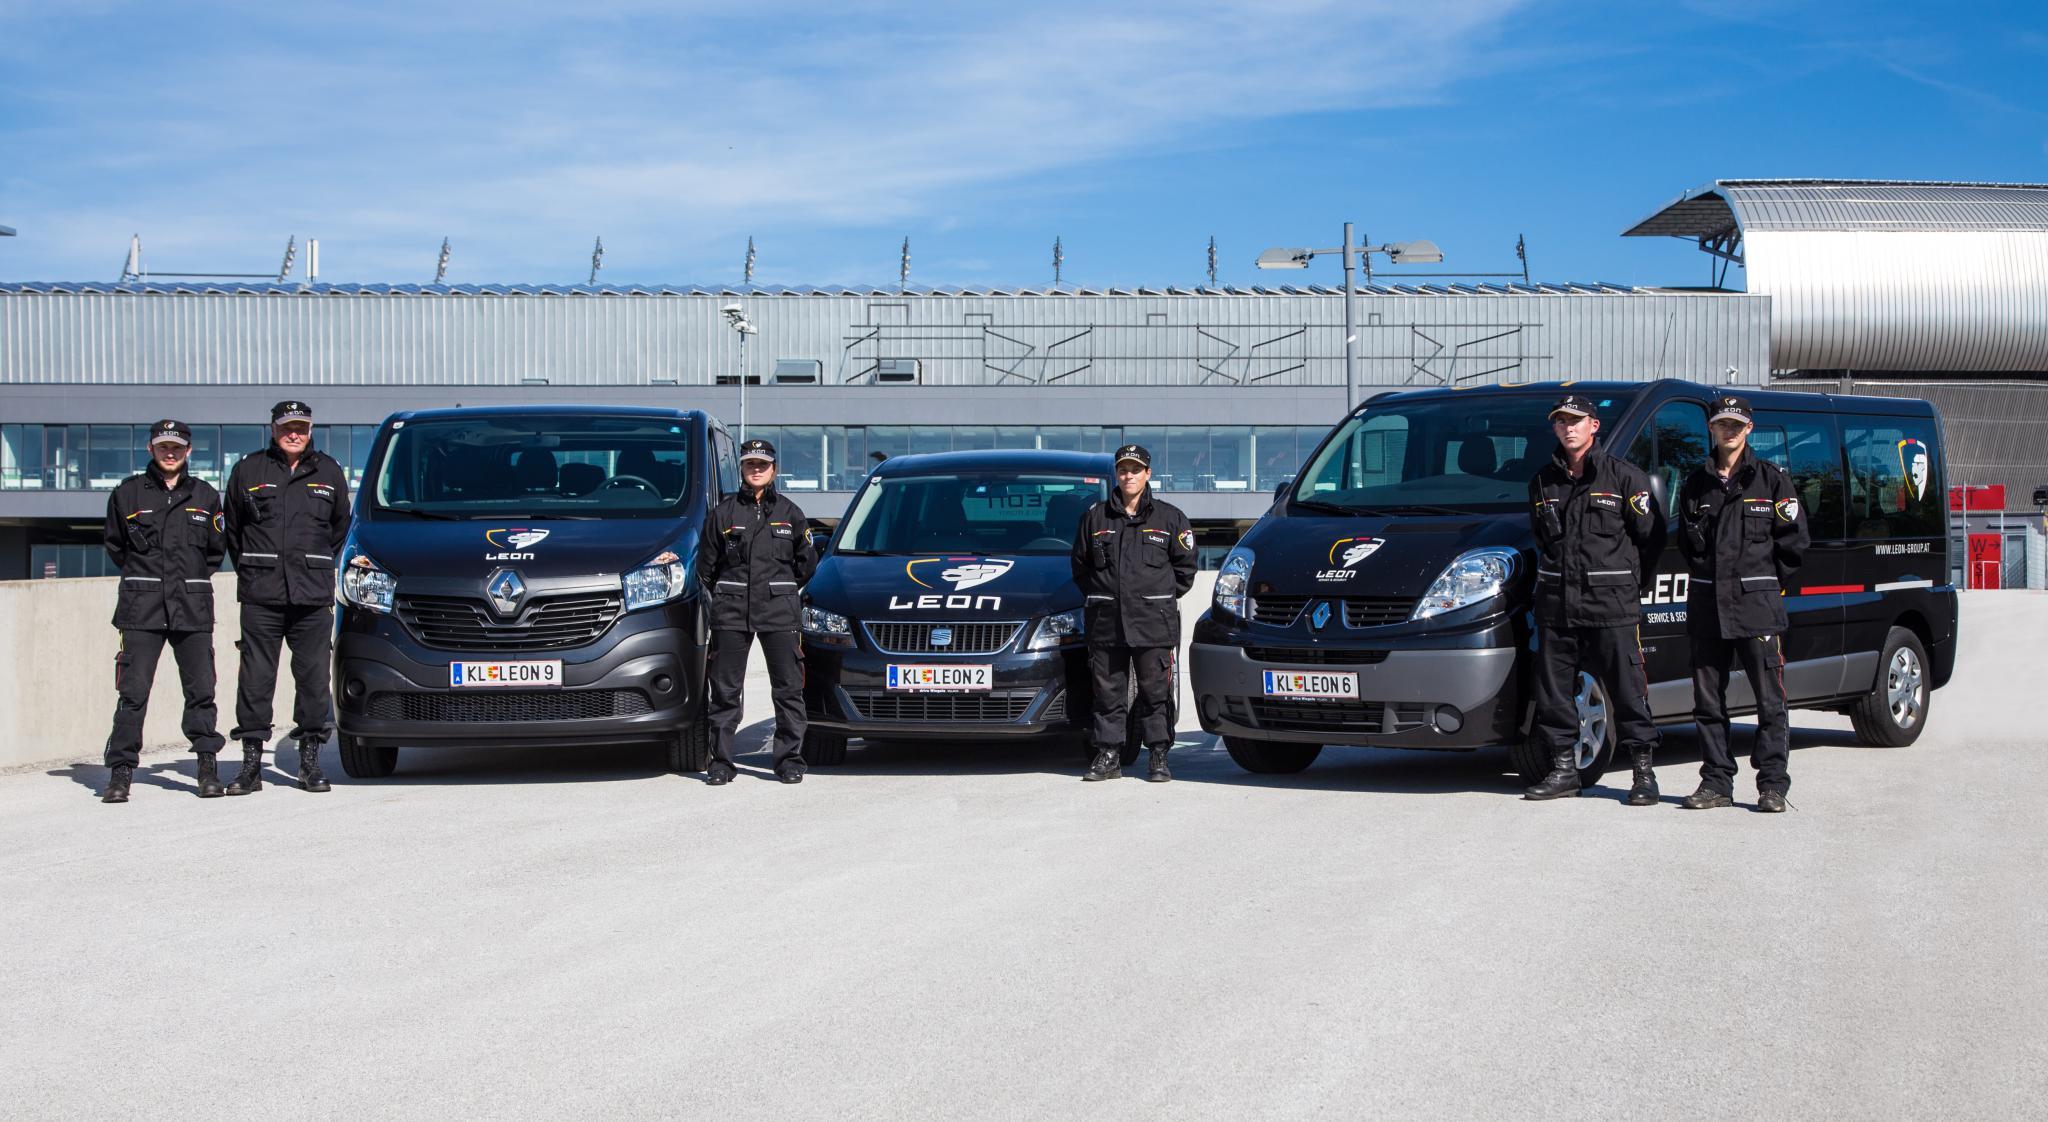 LEON Service & Security